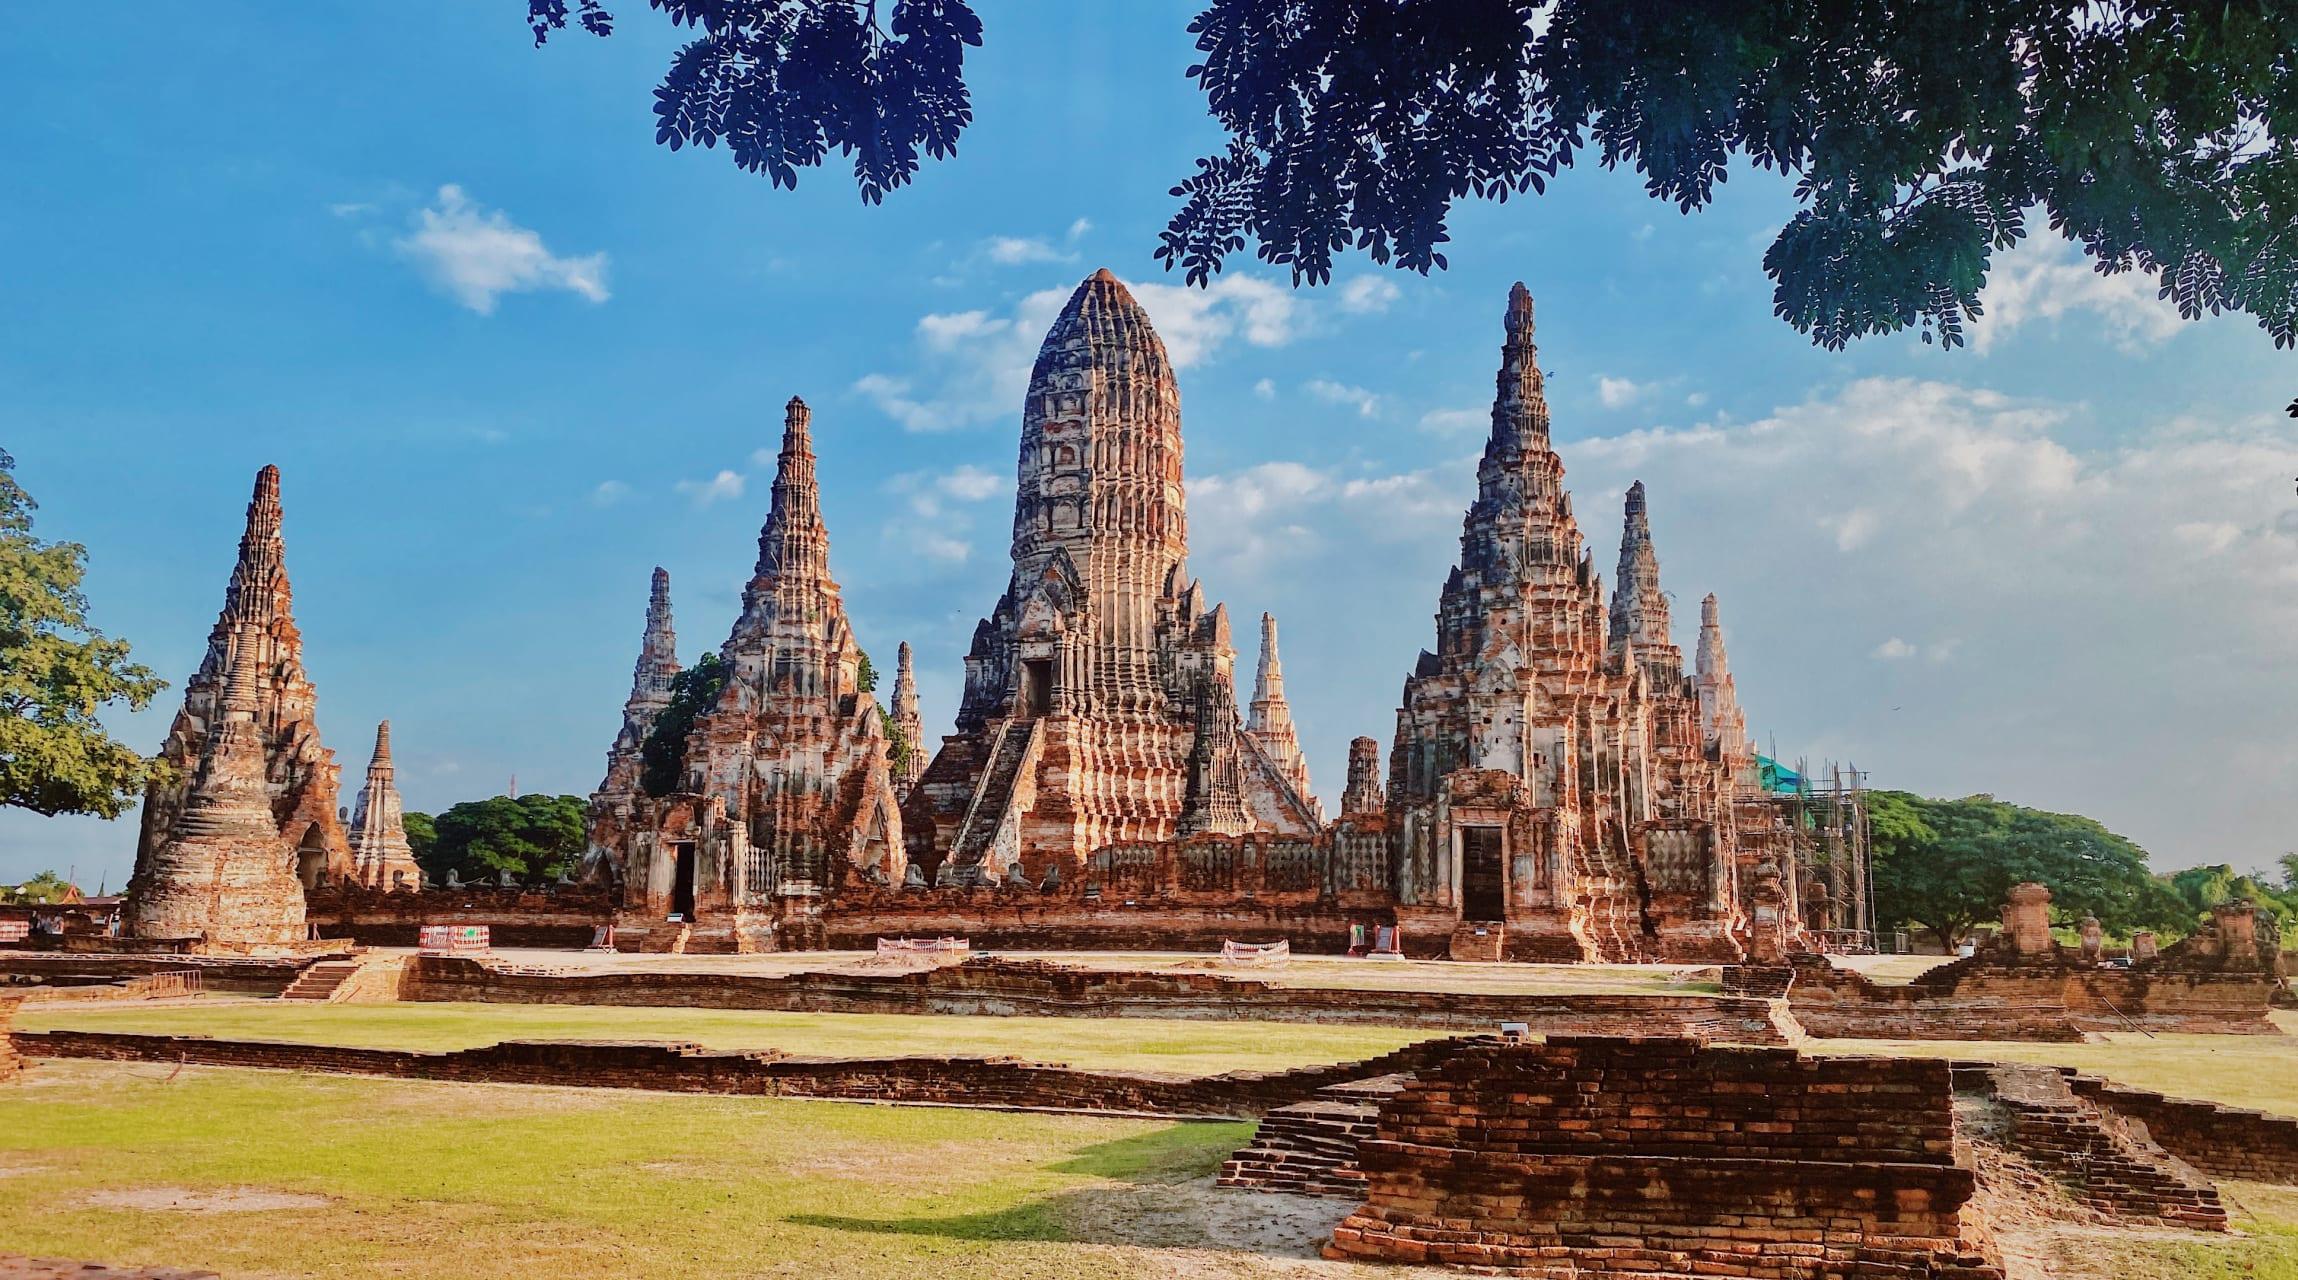 Ayutthaya - Wat Chaiwatthanaram in Ayutthaya